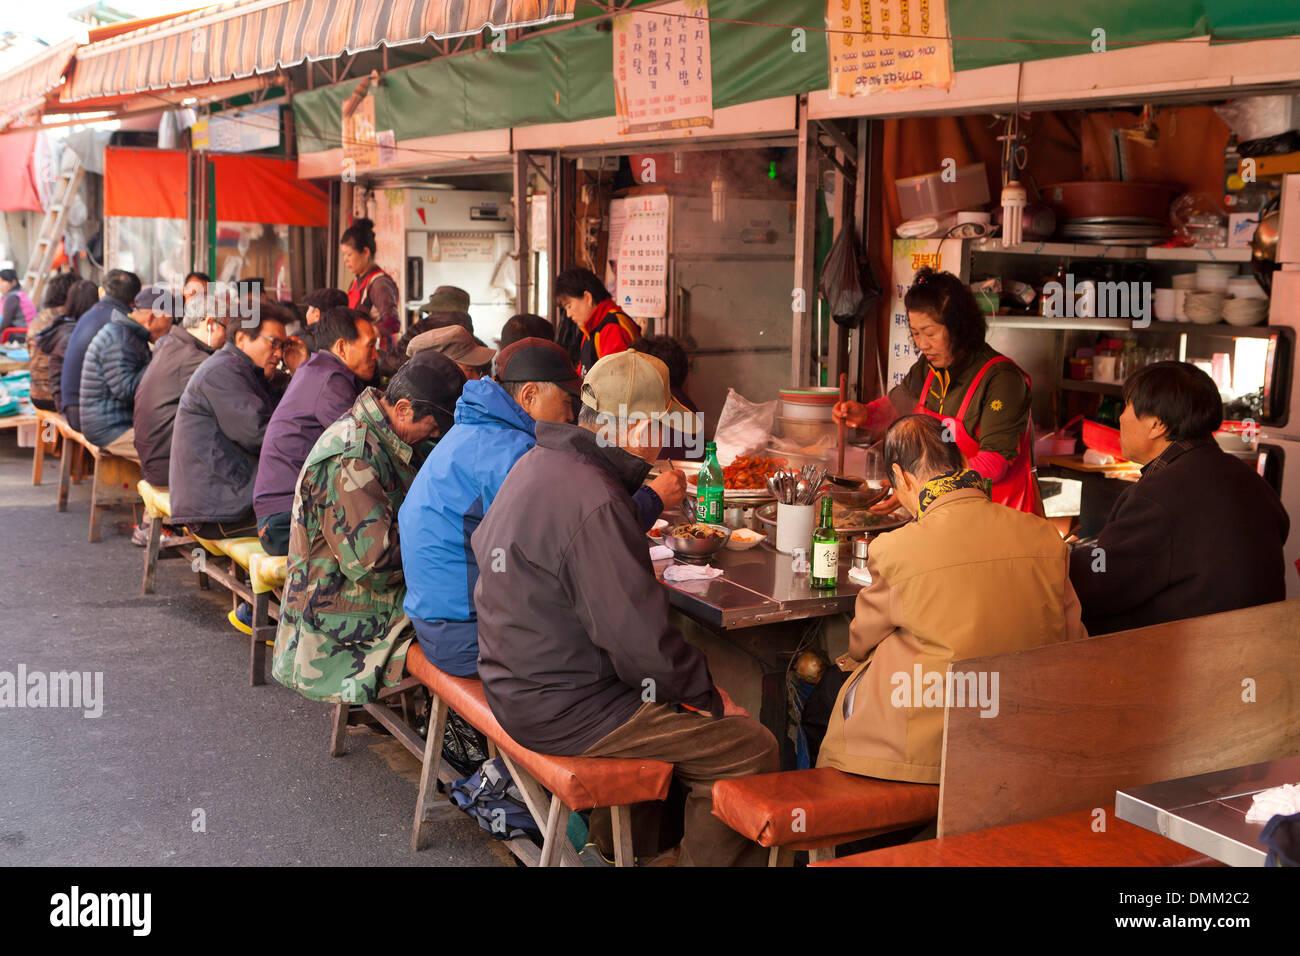 Diners at Jagalchi shijang (traditional outdoor market) - Busan, South Korea - Stock Image